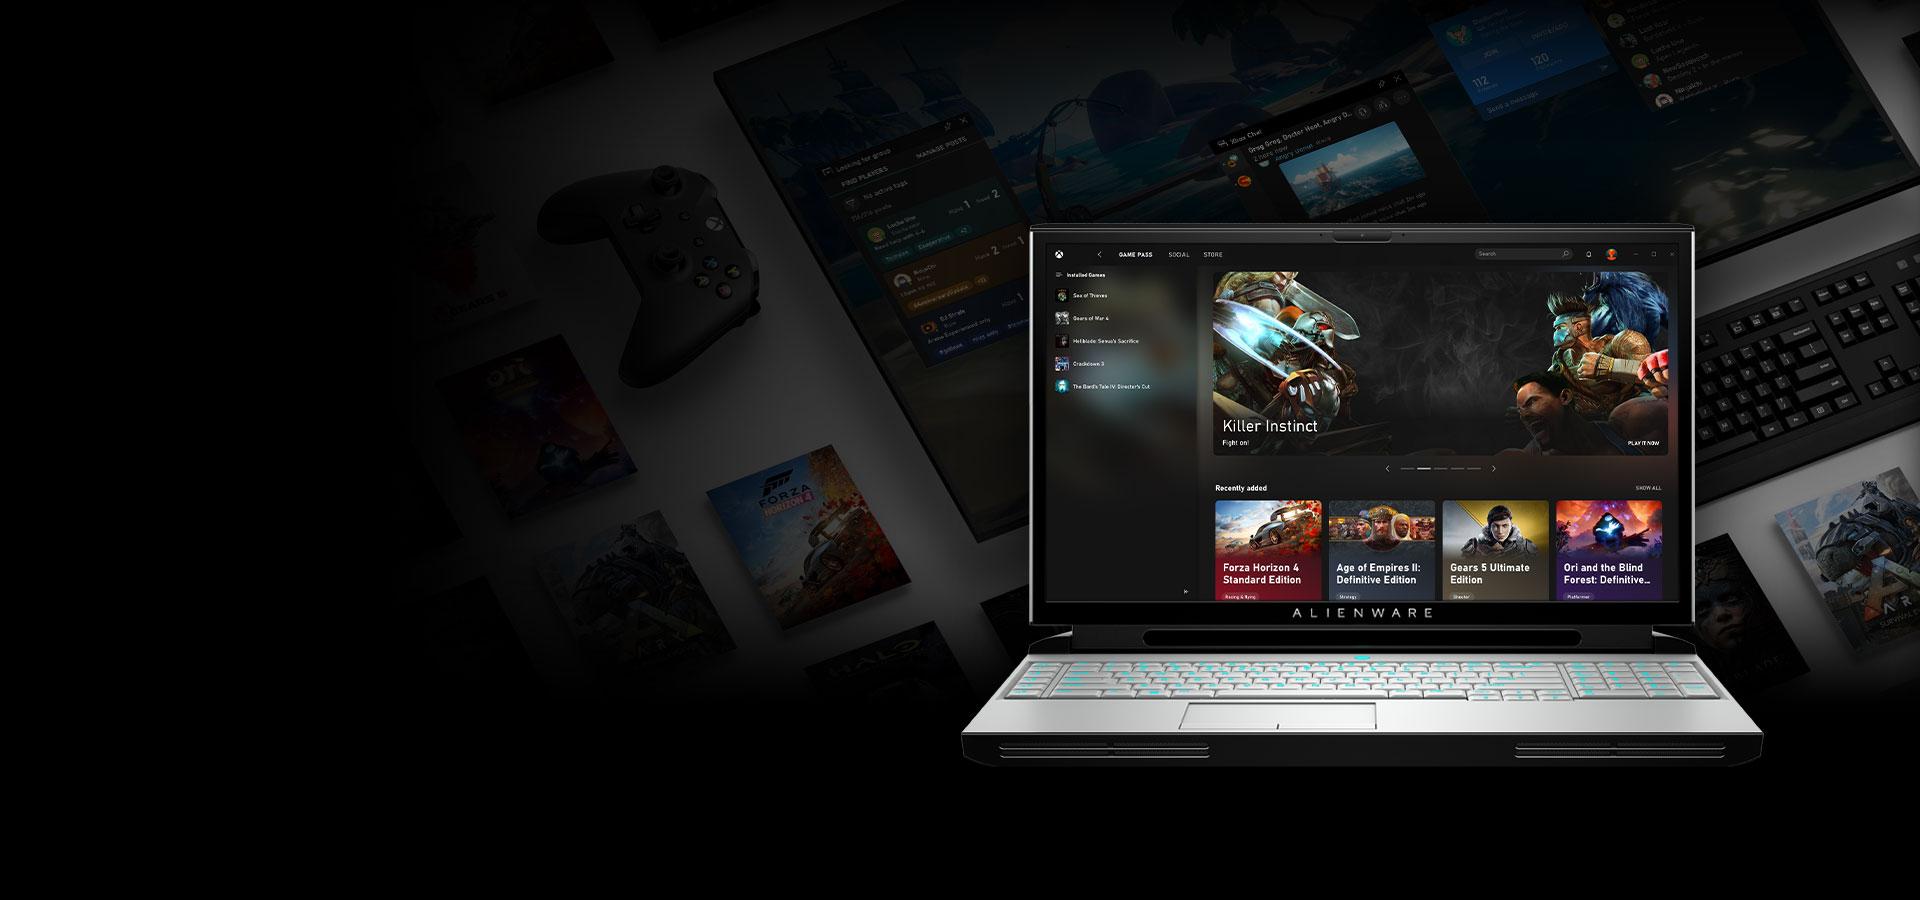 Aplikace Xbox ukázaná na obrazovce přenosného počítače Alienware